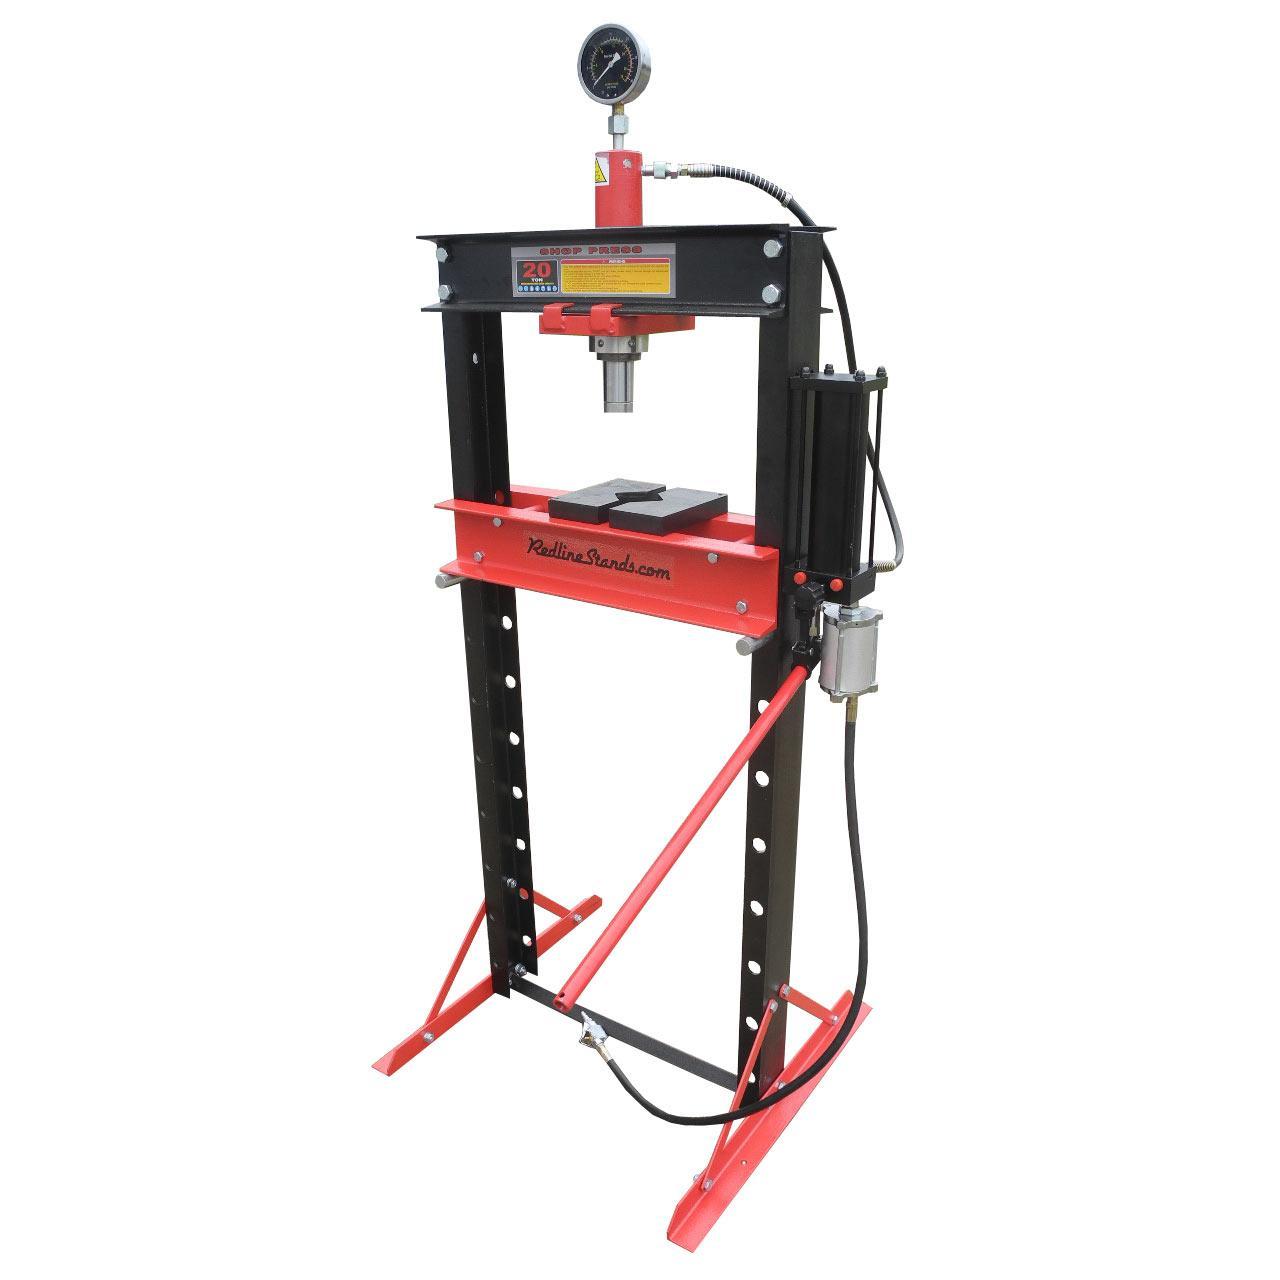 Redline 20 Ton Air Hydraulic Shop Press